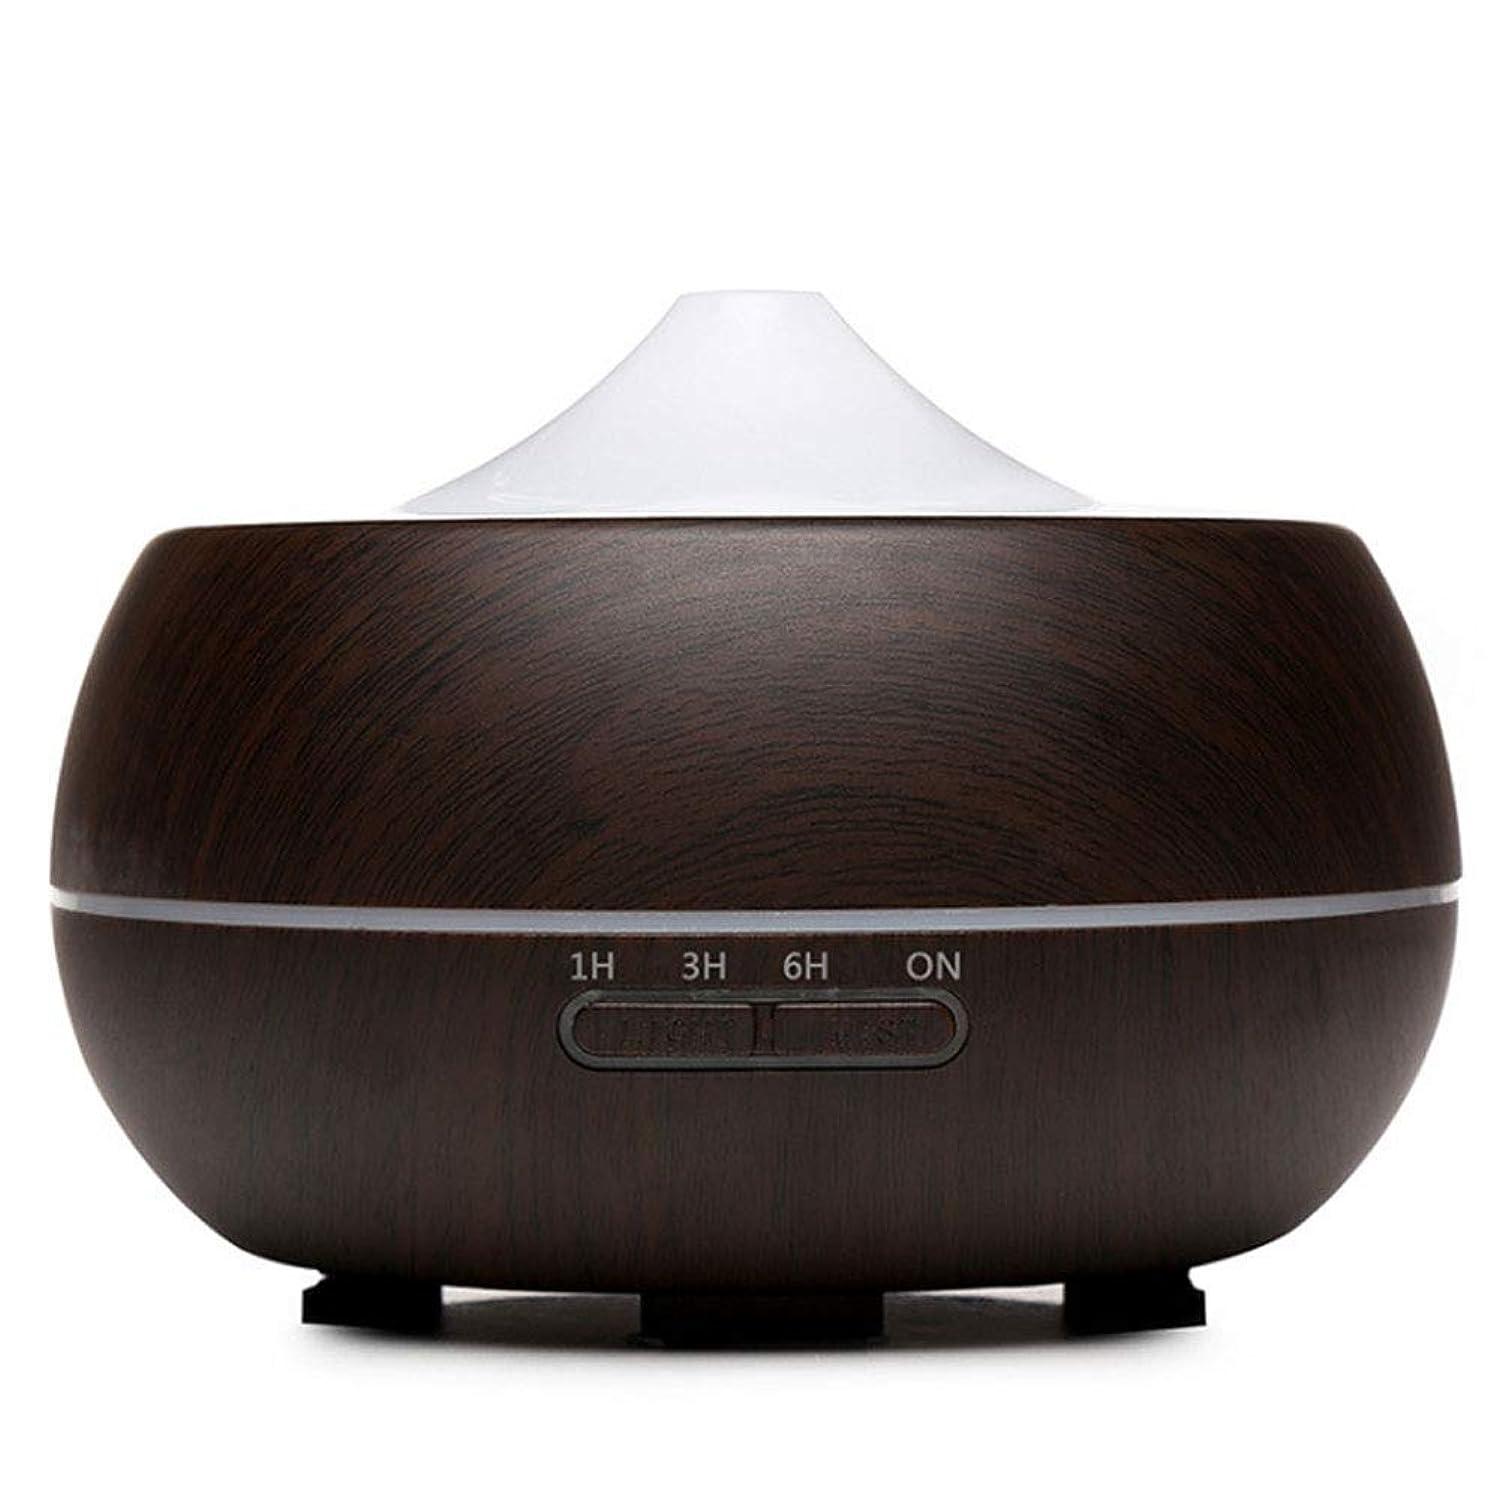 作詞家風変わりな電気的300 ml アロマテラピー エッセンシャル オイル ディフューザー, 超音波 涼しい霧 humidmifier アロマディフューザー タイマー付き 7色変換 夜のライト 空焚き防止機能搭載-ブラック 17x12cm